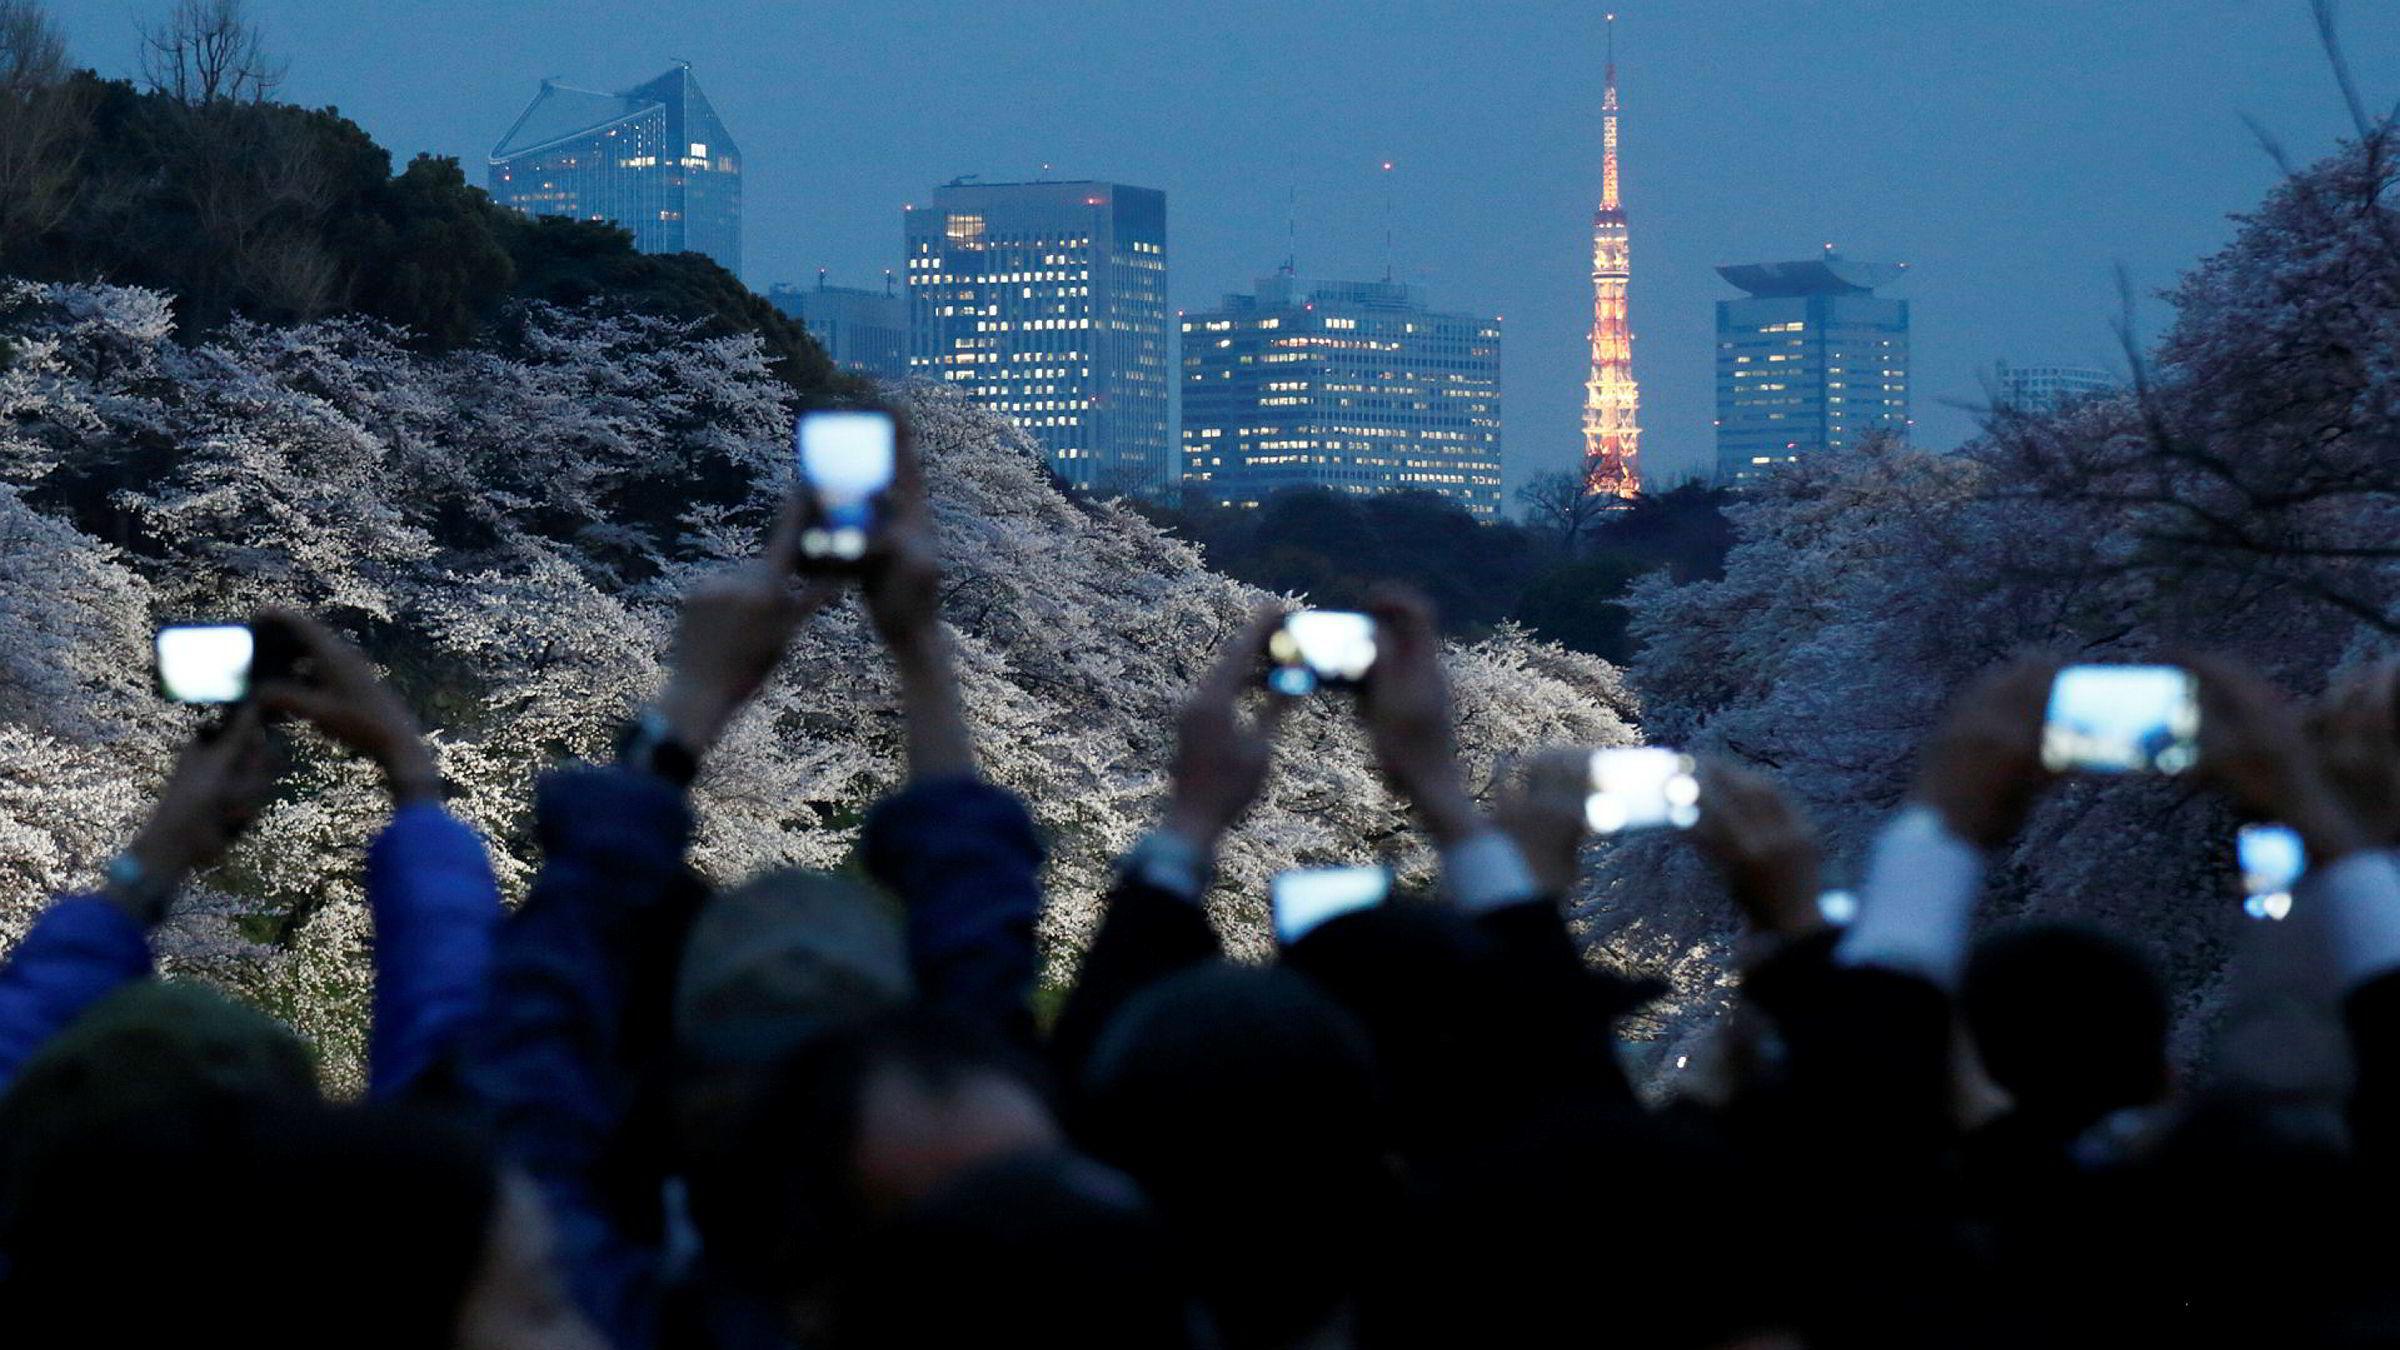 Uansett hva folk gjør i dag, er smarttelefonen alltid til stede. Å bare nyte av duften og synet av Tokyos kirsebærblomster, er for eksempel ikke nok. De må også bli fotografert og delt med andre.